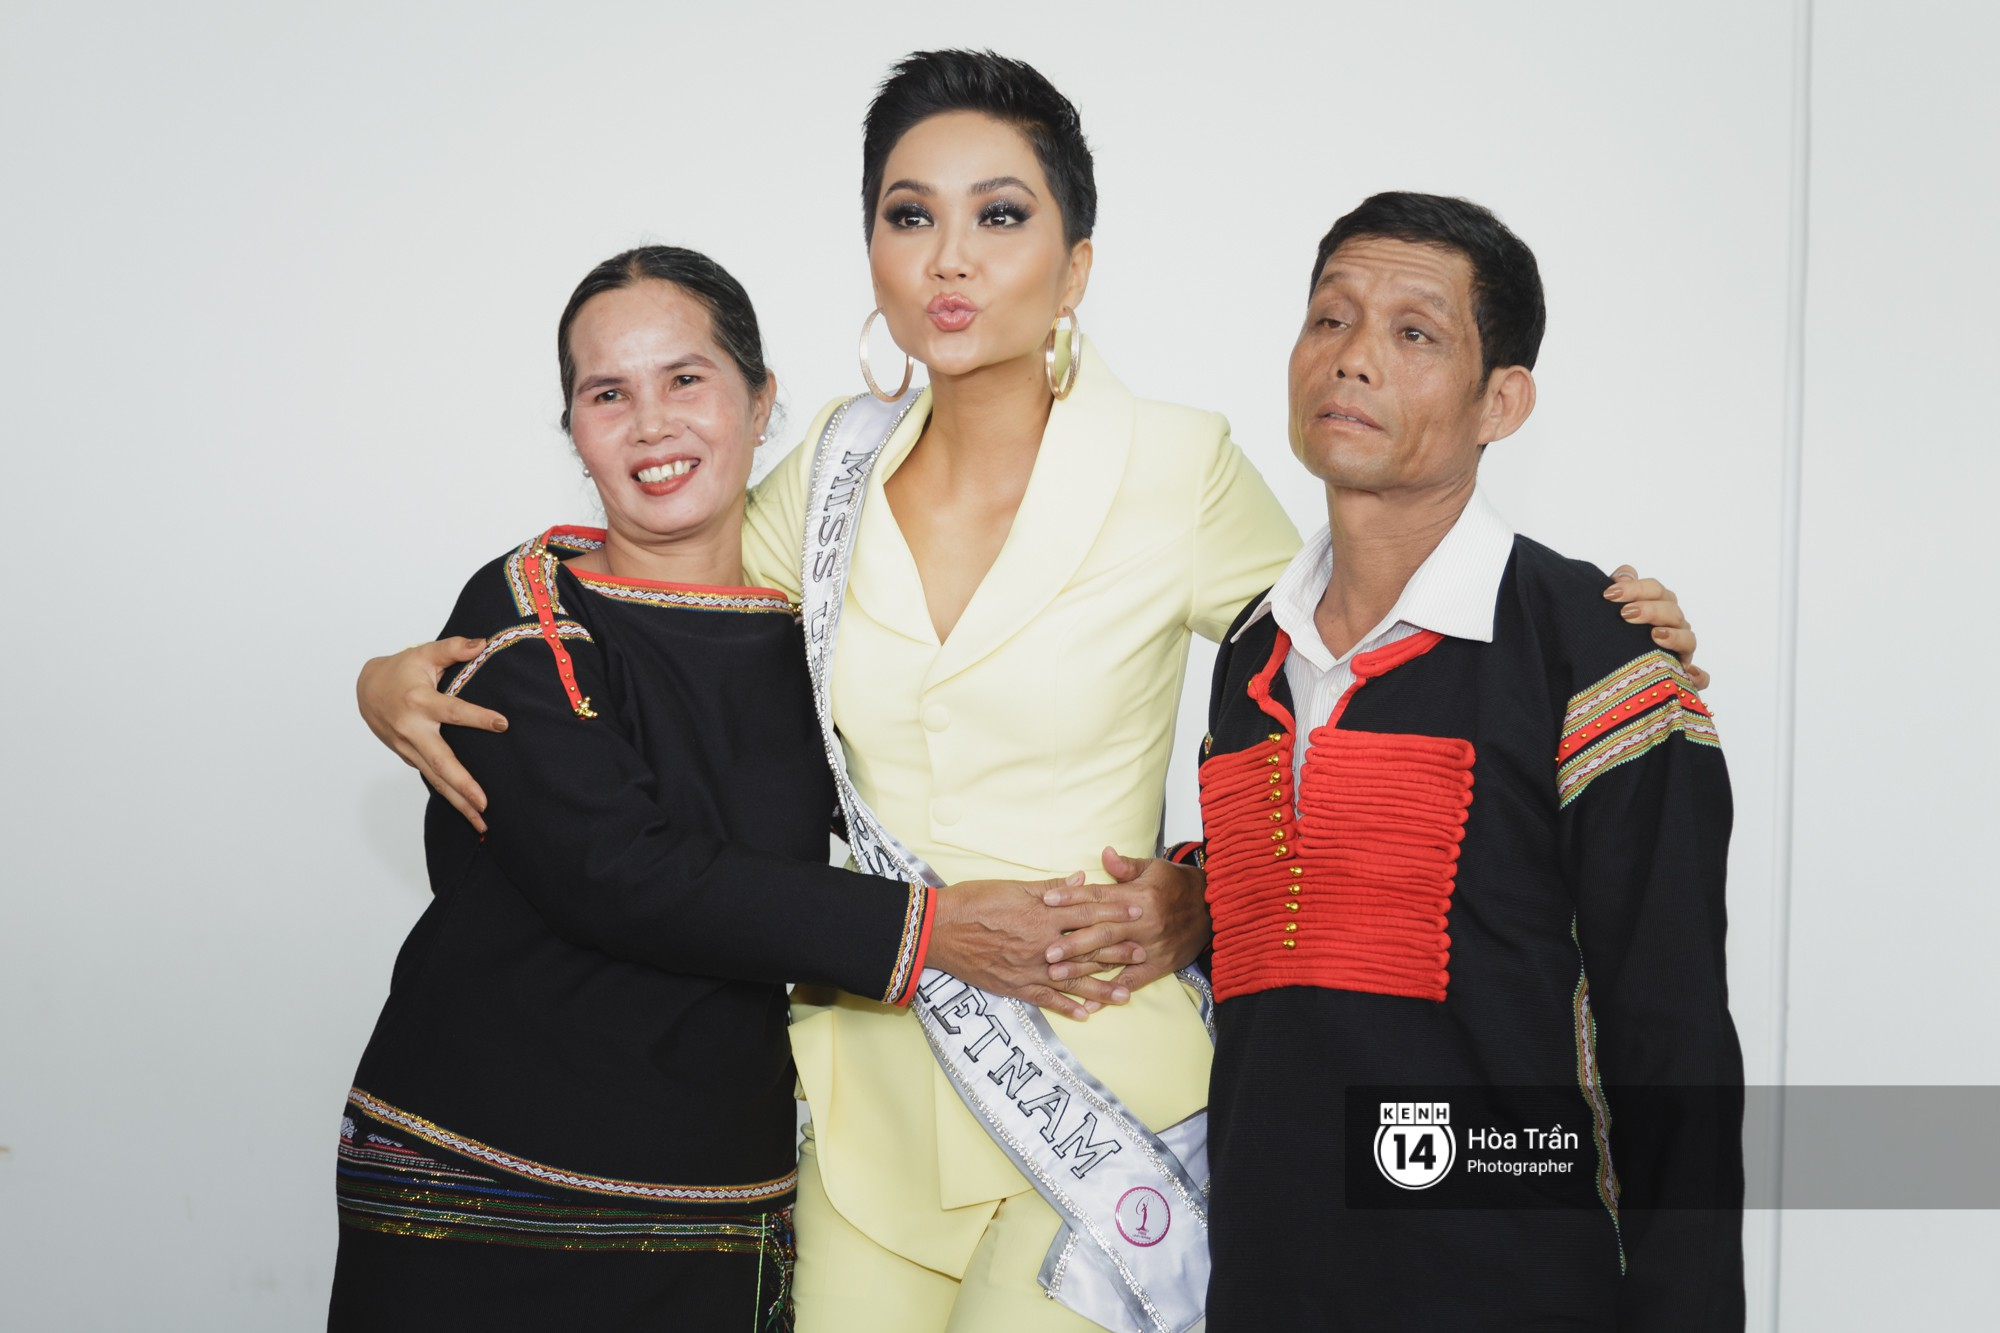 Gia đình HHen Niê diện trang phục người Ê-Đê, tiễn chân con gái bản làng đến Thái tham dự Miss Universe - Ảnh 13.